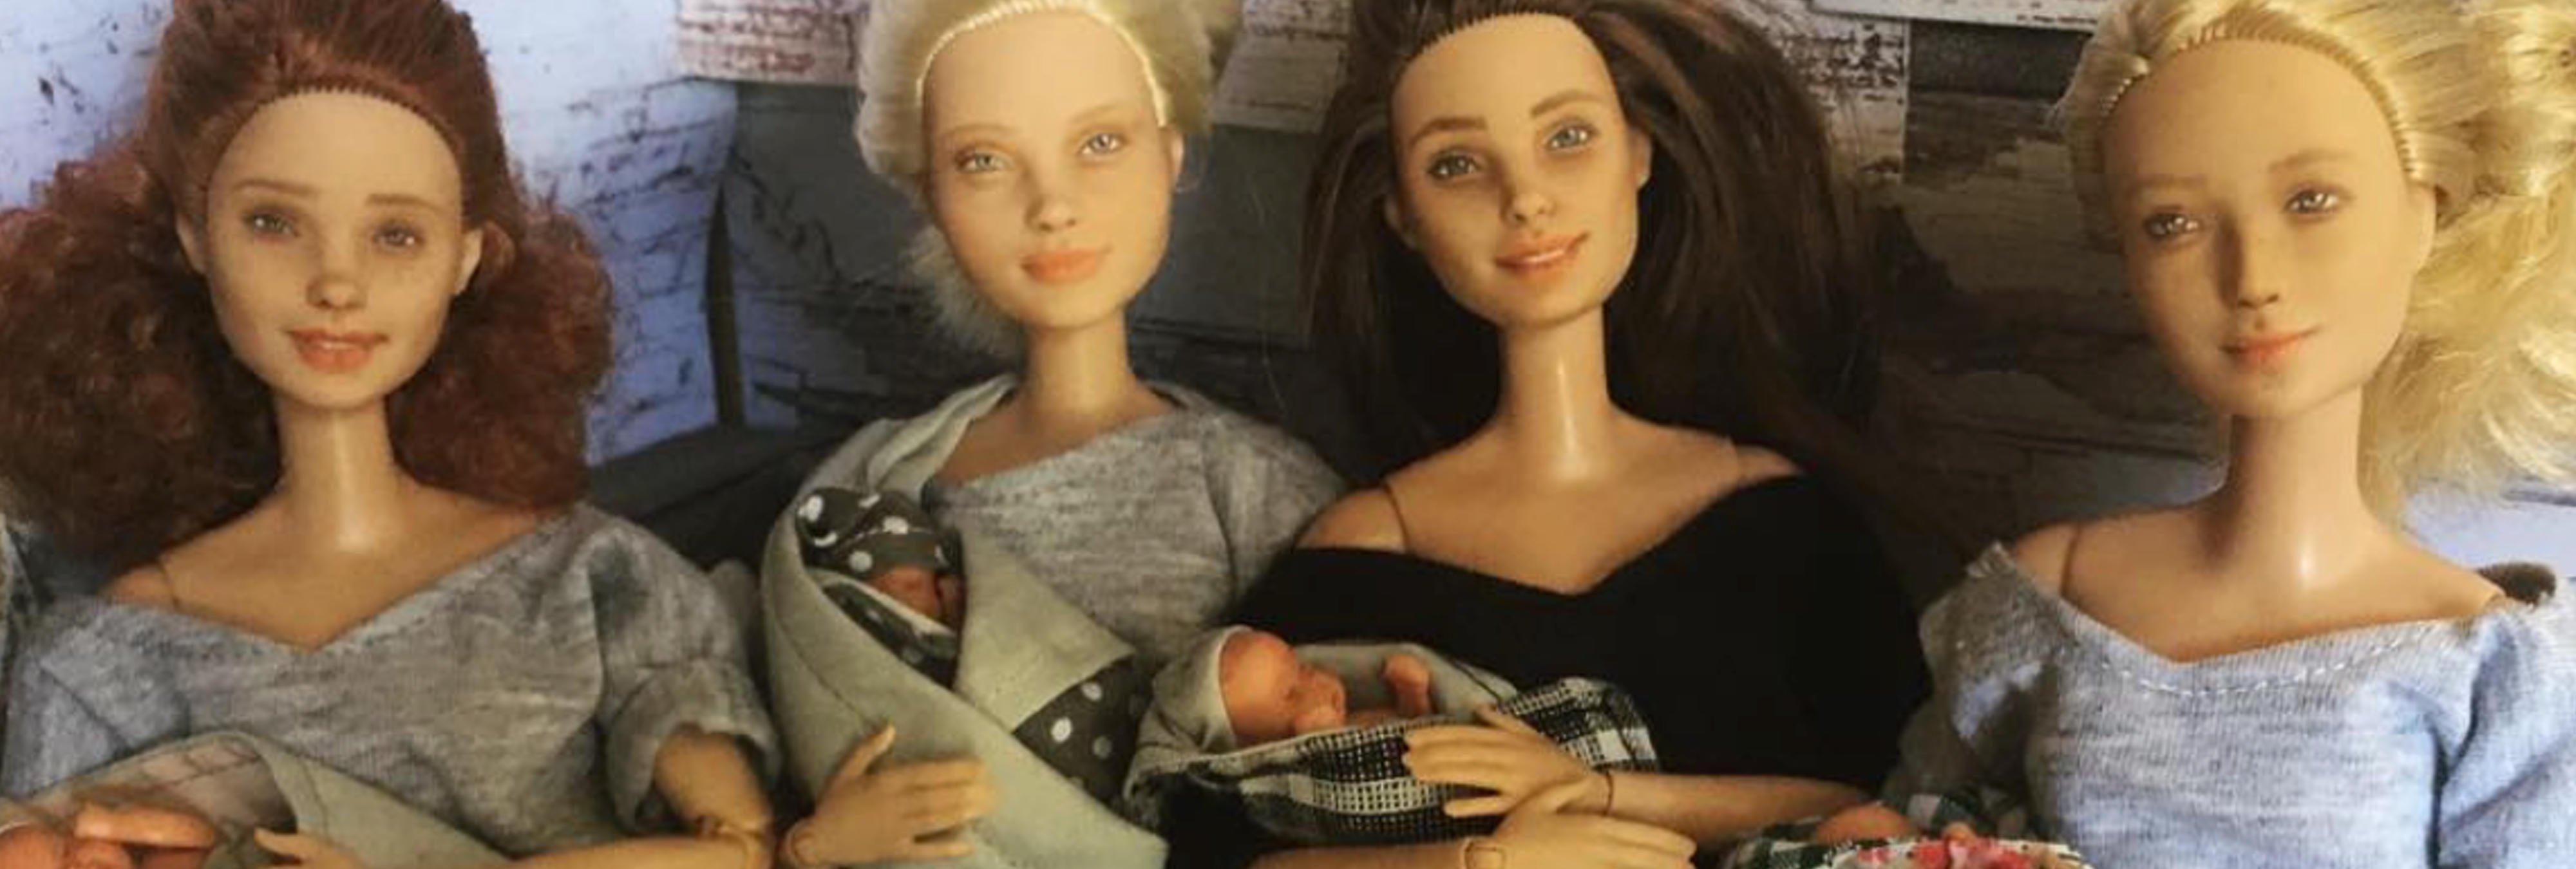 Una madre modifica Barbies para que representen a la mujer real y romper estereotipos